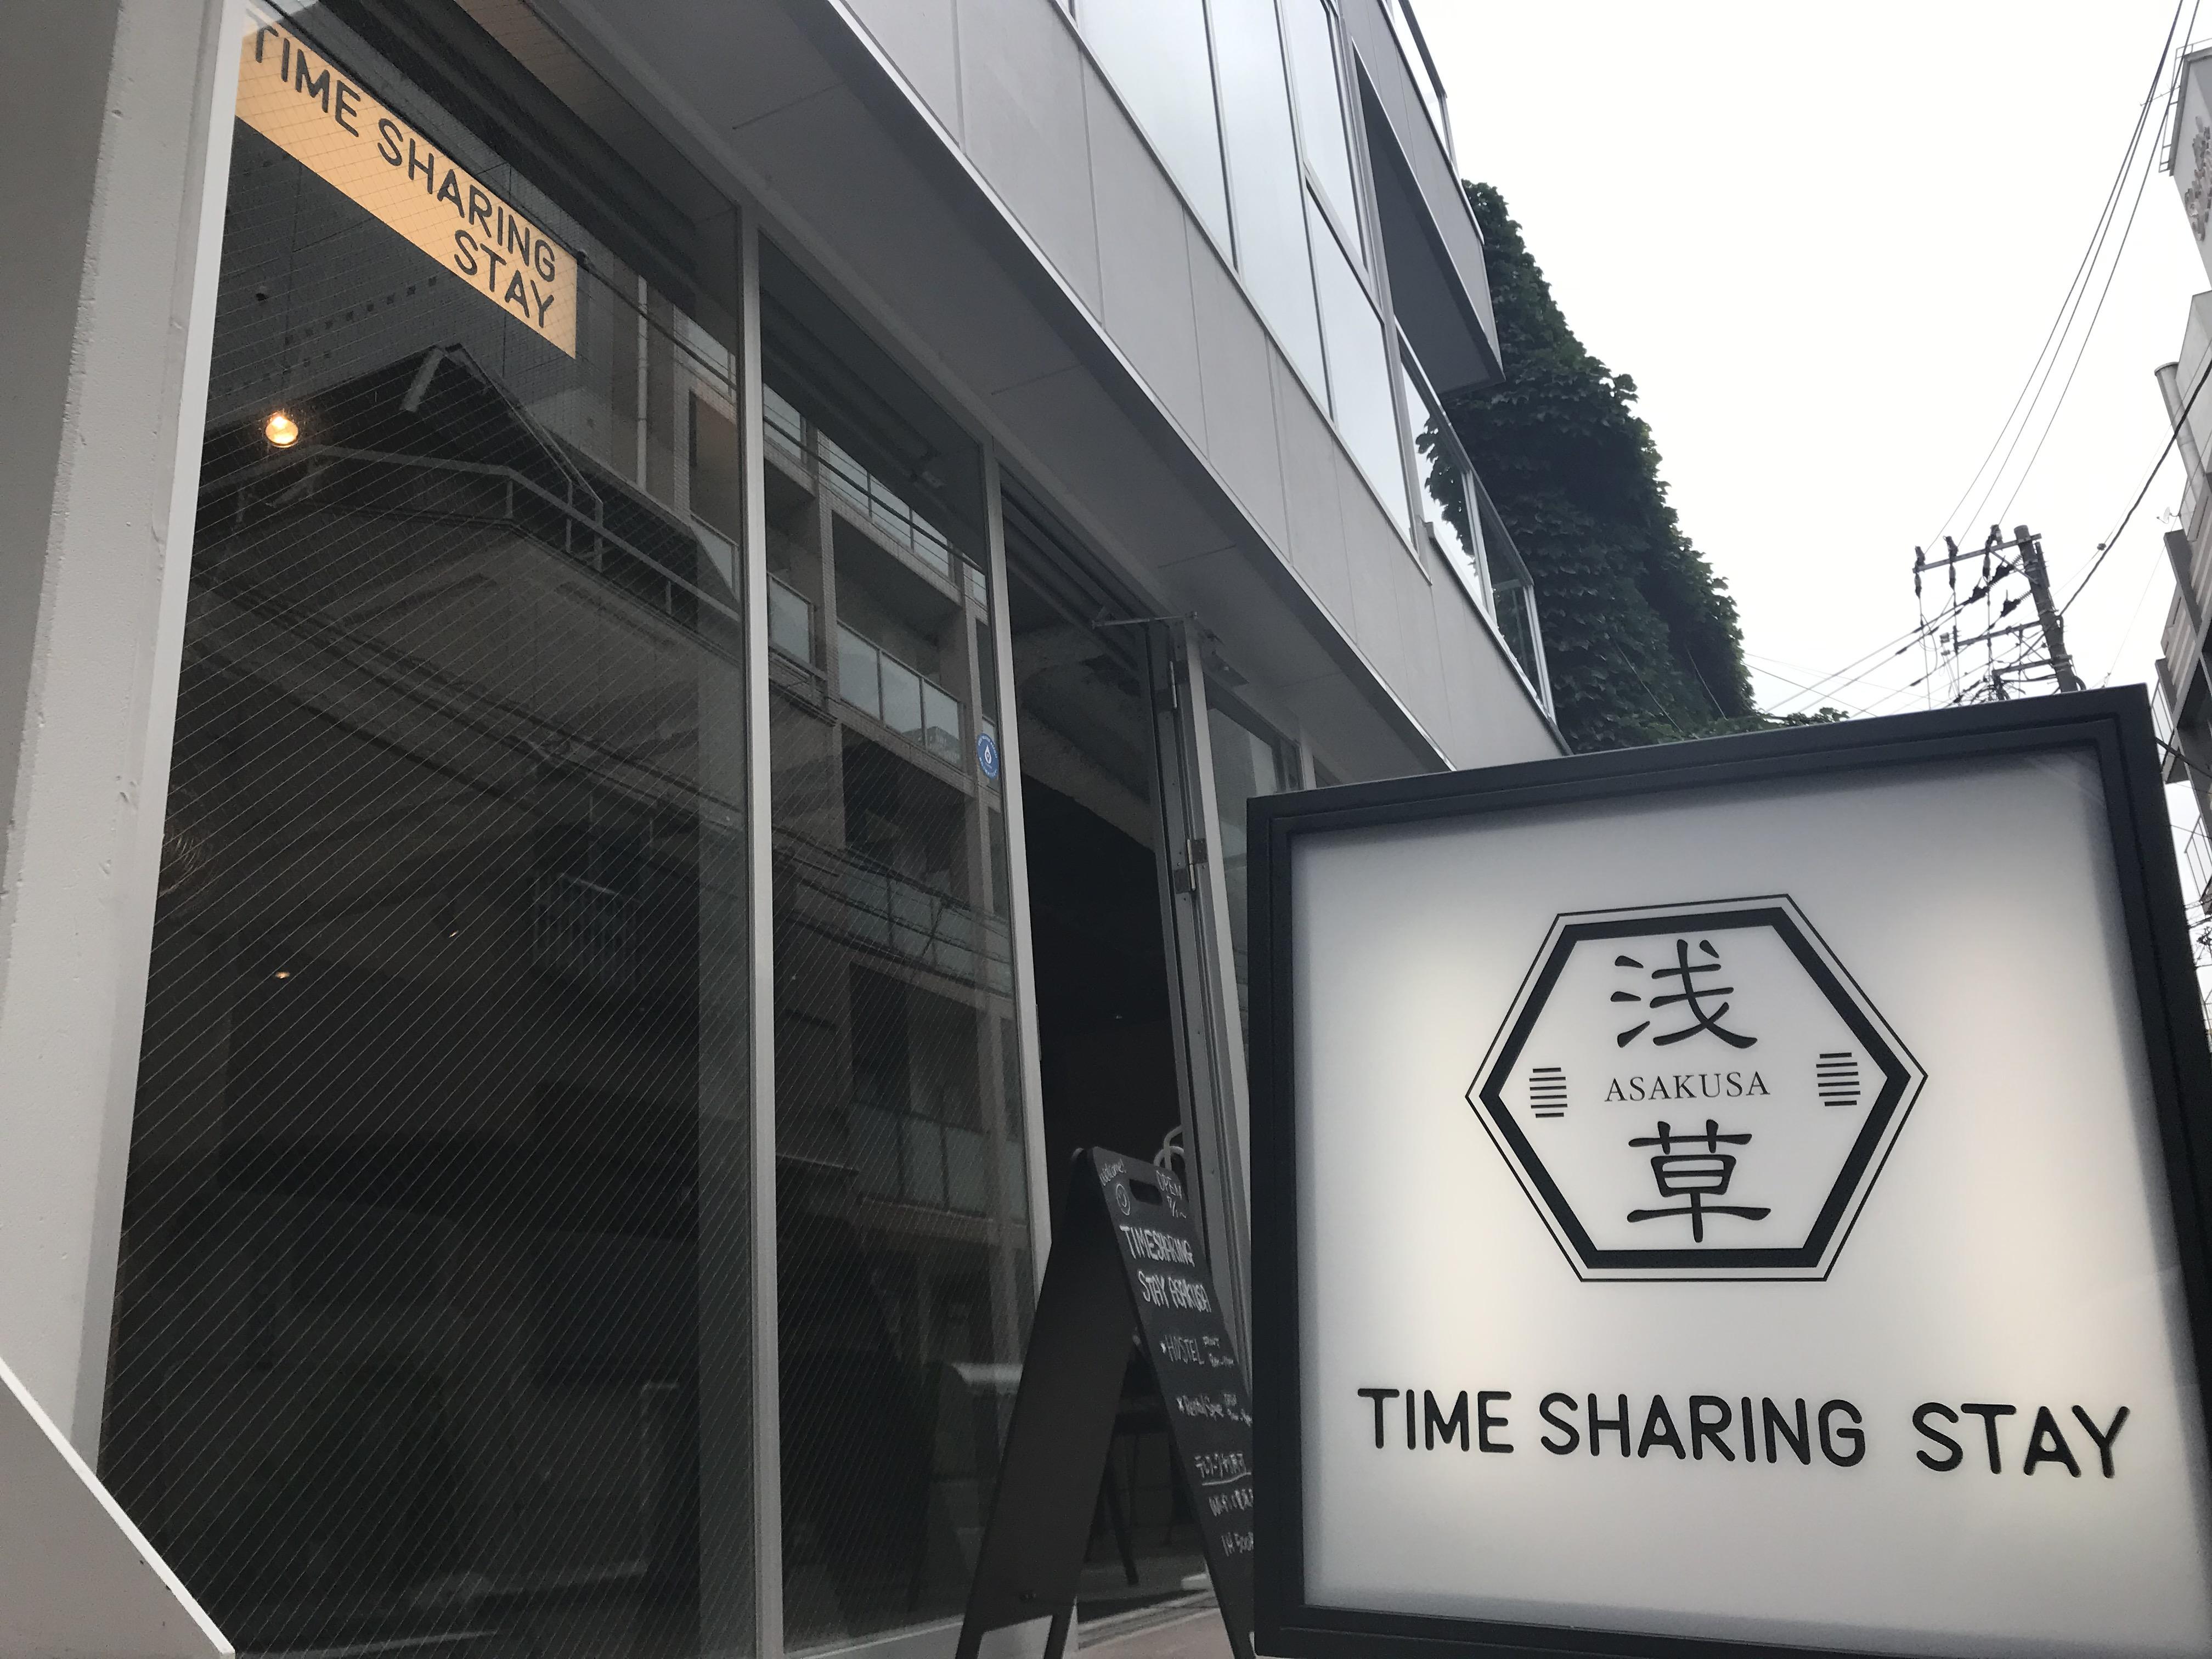 在宅に飽きた人必見!浅草のおしゃれホステルでテレワーク TIME SHARING タイムシェアリング  スペースマネジメント あどばる adval SHARING